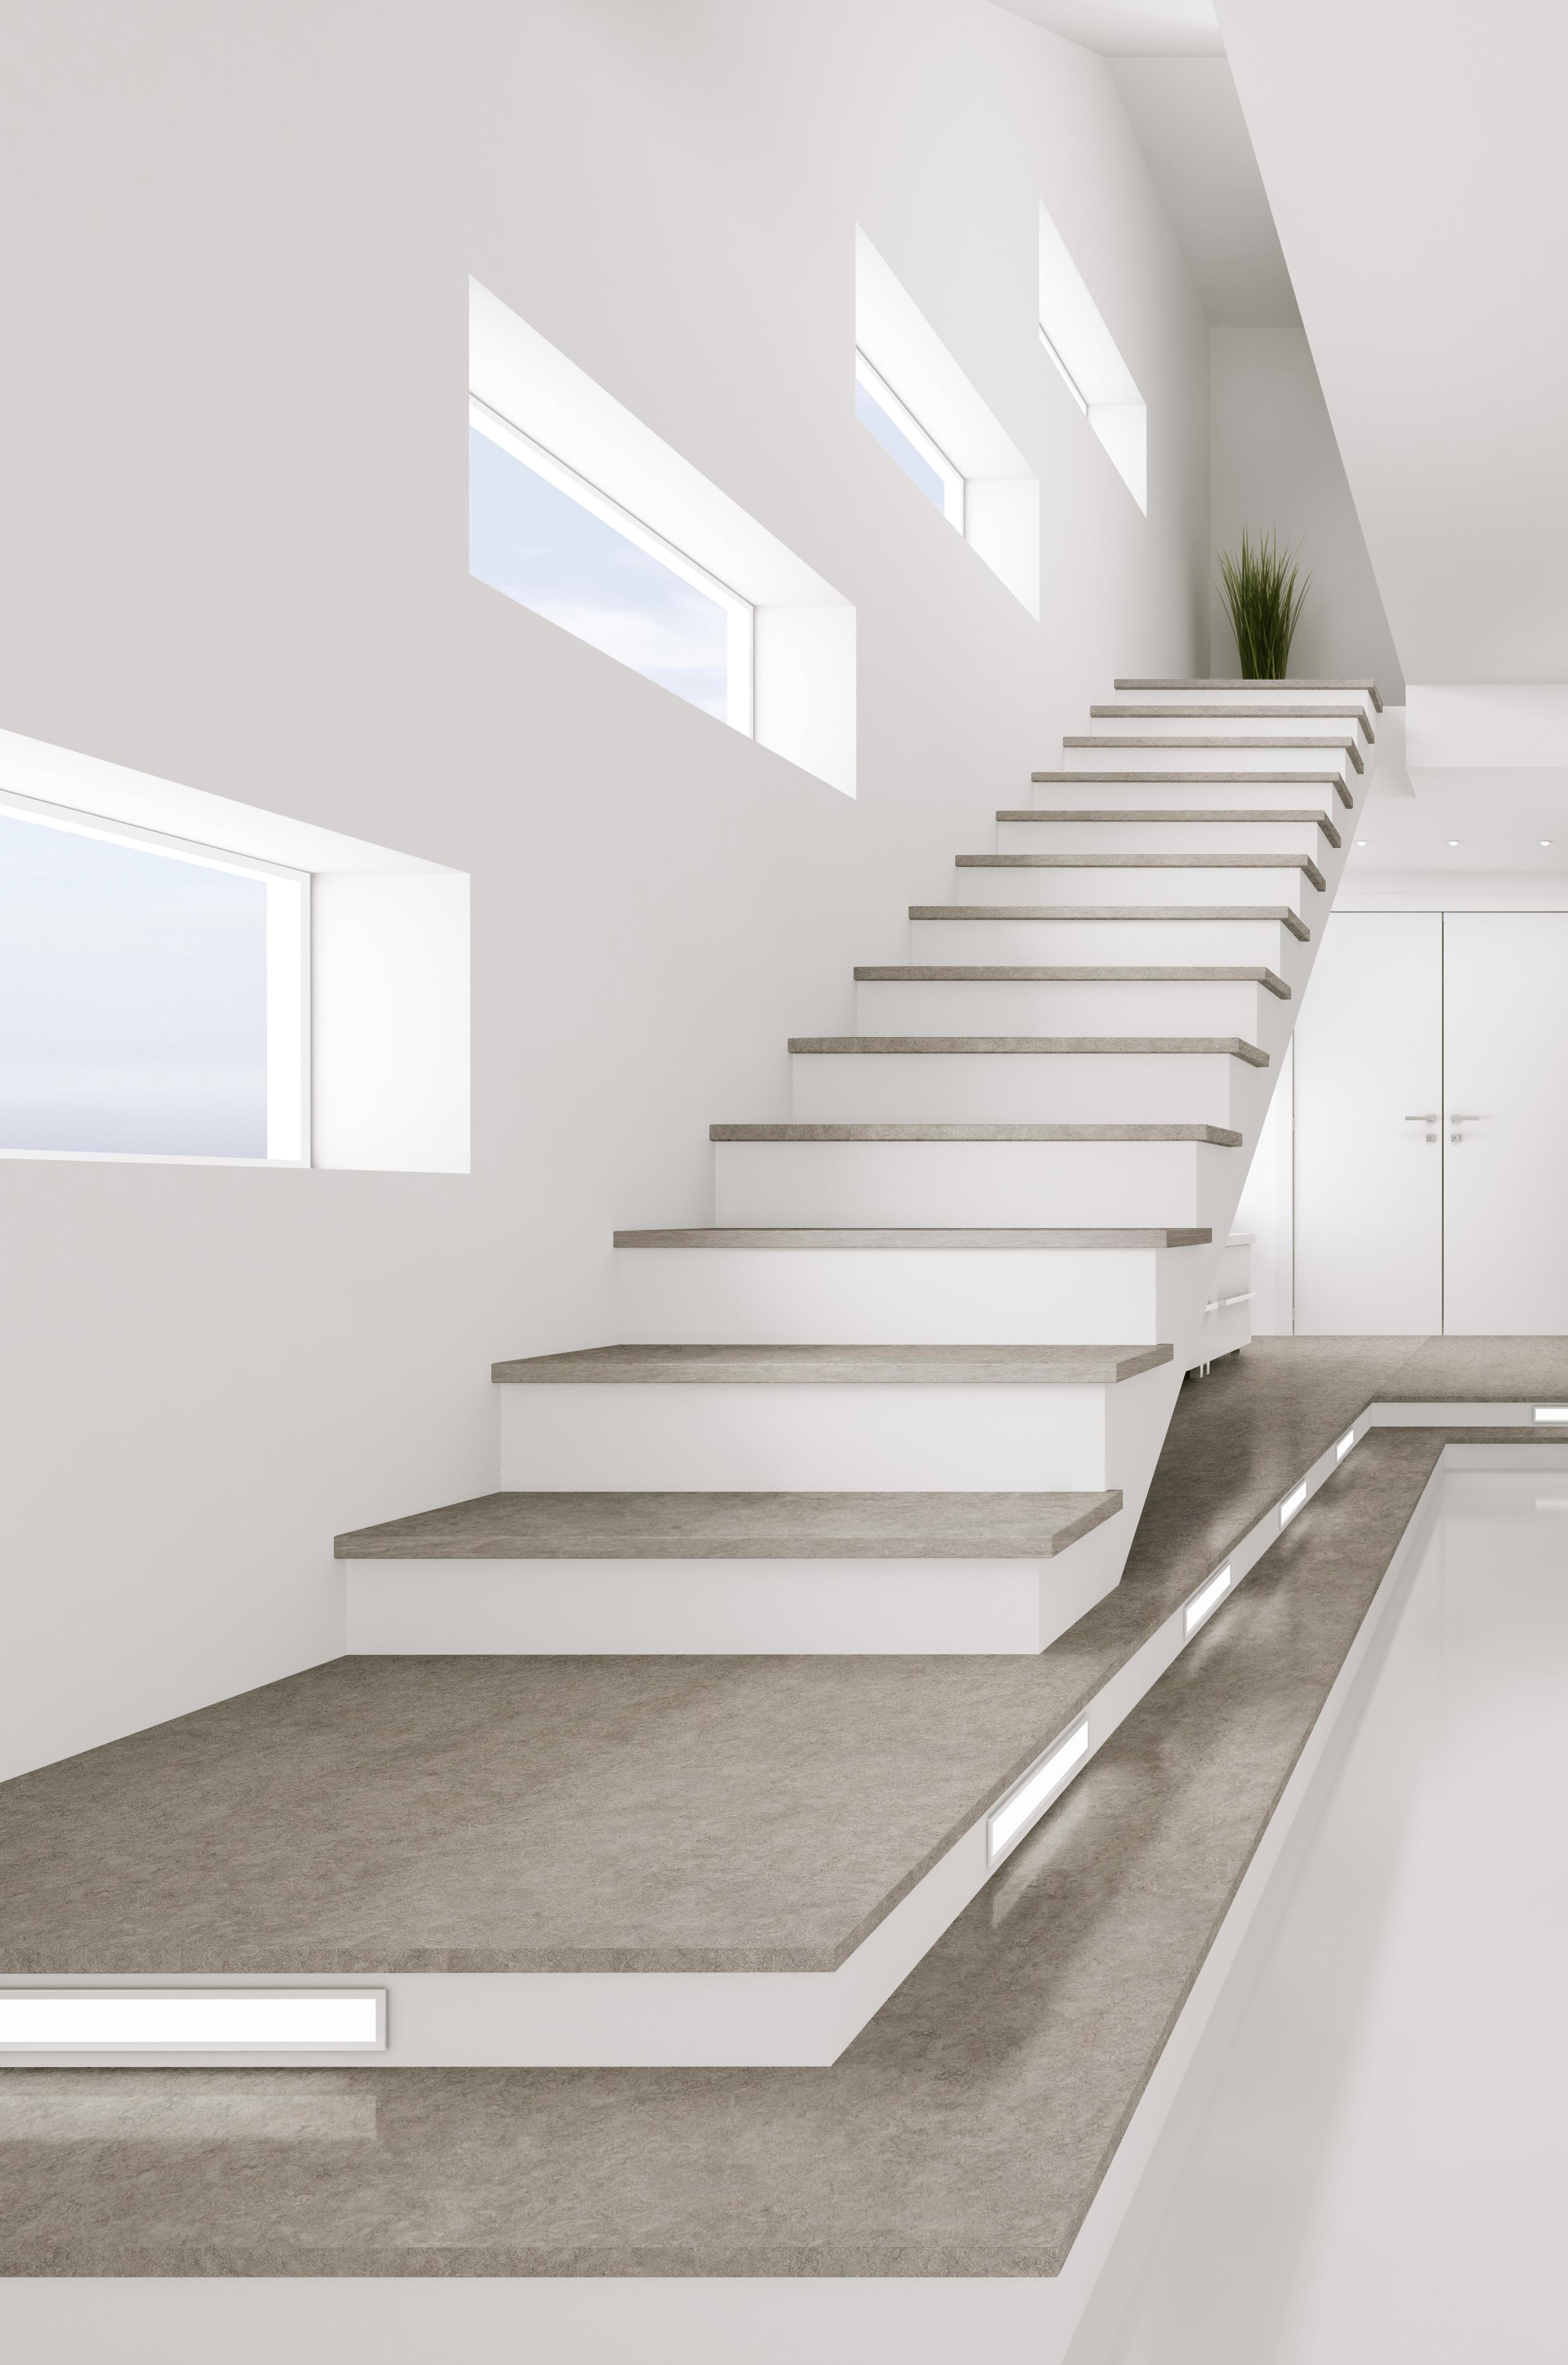 L\'escalier, pièce maîtresse de l\'intérieur | Cosentino Belgium French